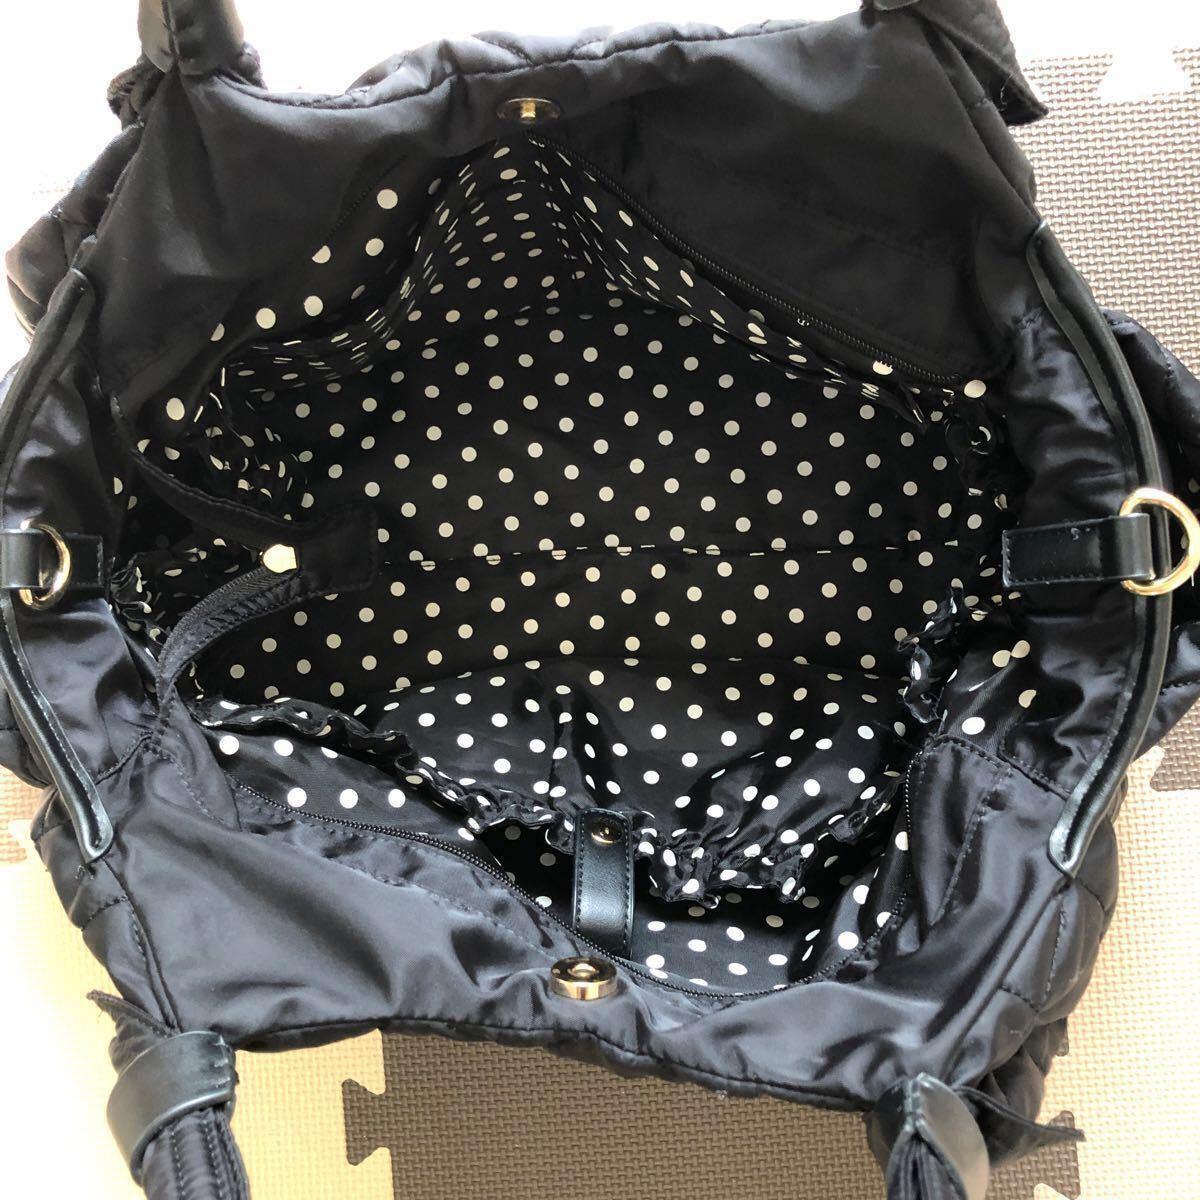 マザーズバッグ 入院バッグ トートバッグ 大容量 ポケット